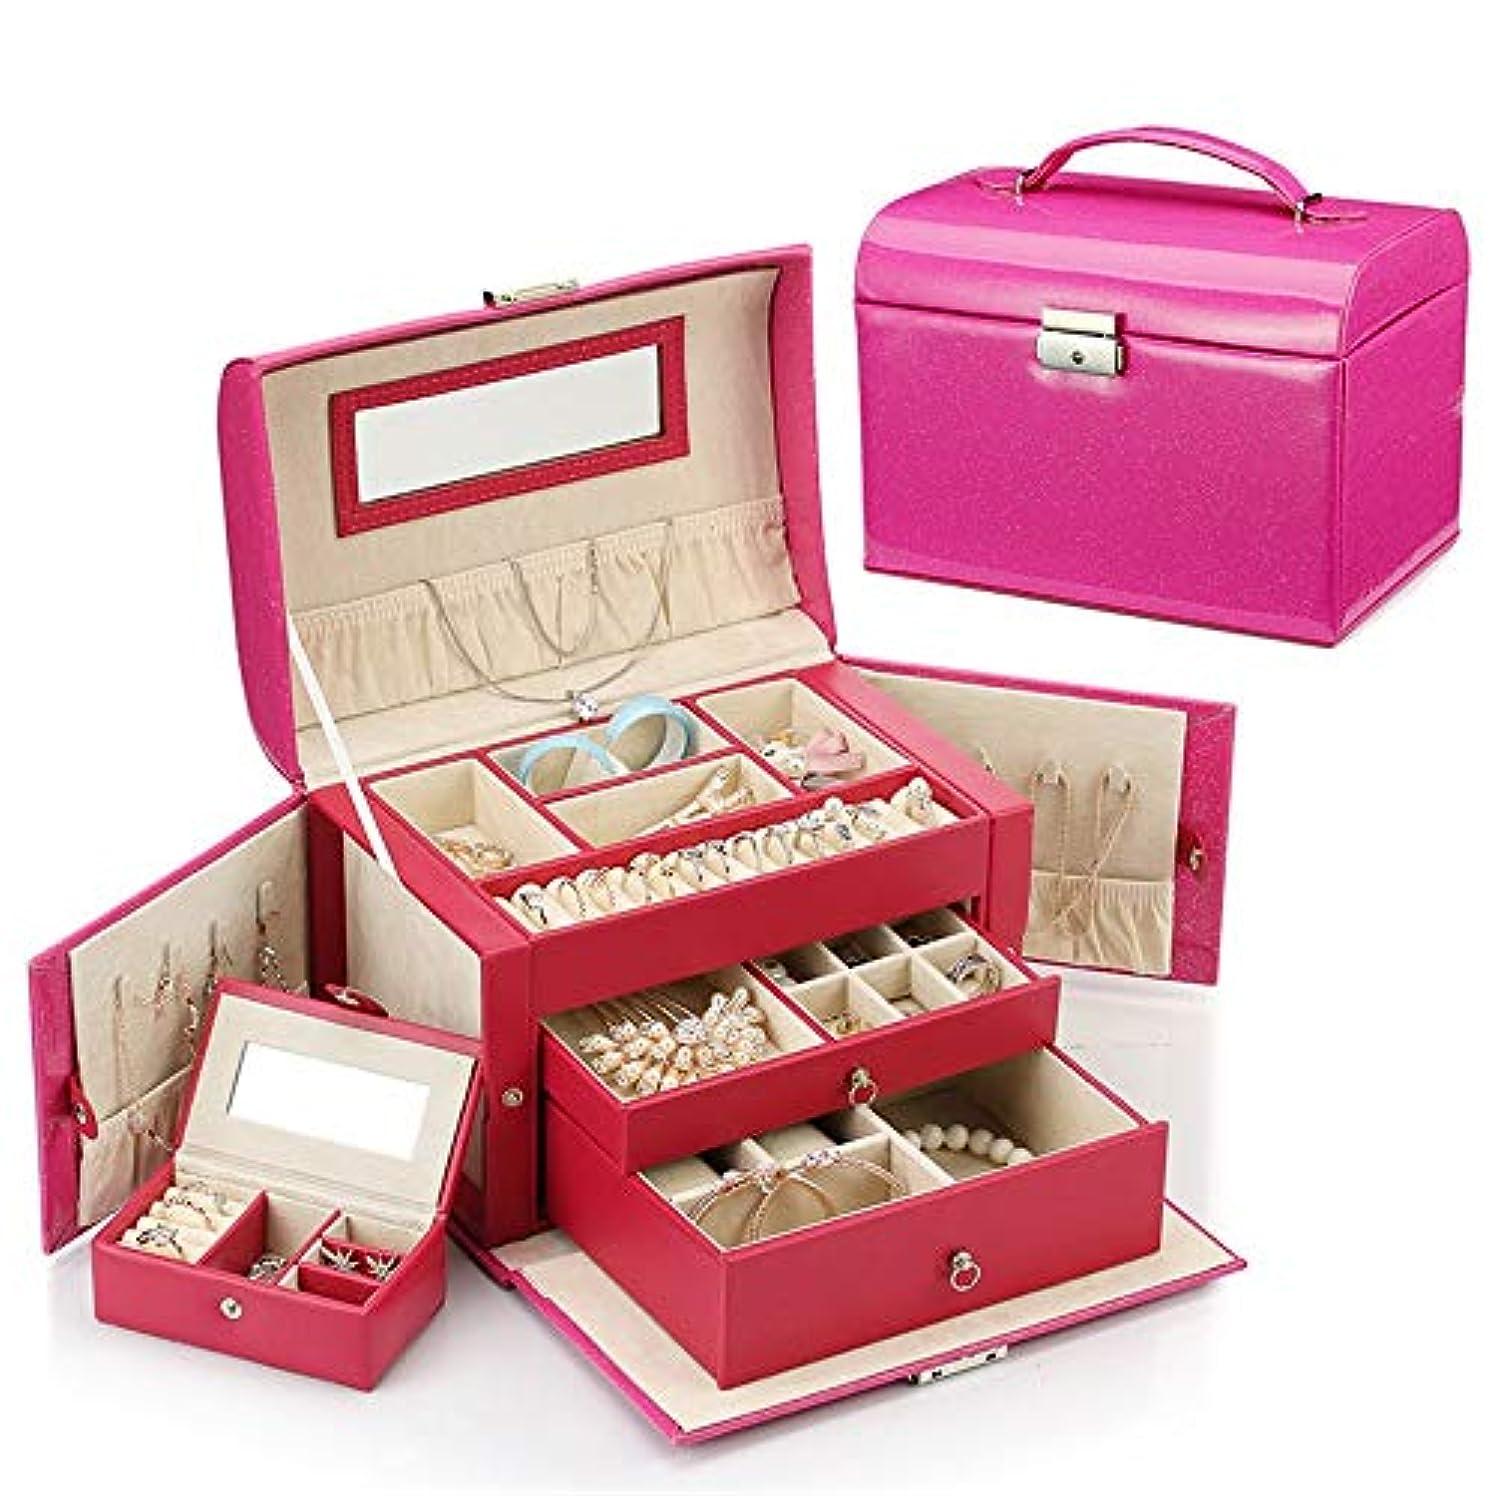 事業内容耕す適用する化粧オーガナイザーバッグ 小さなアイテムのストレージのための丈夫な女性のジュエリーの収納ボックス 化粧品ケース (色 : ローズレッド)